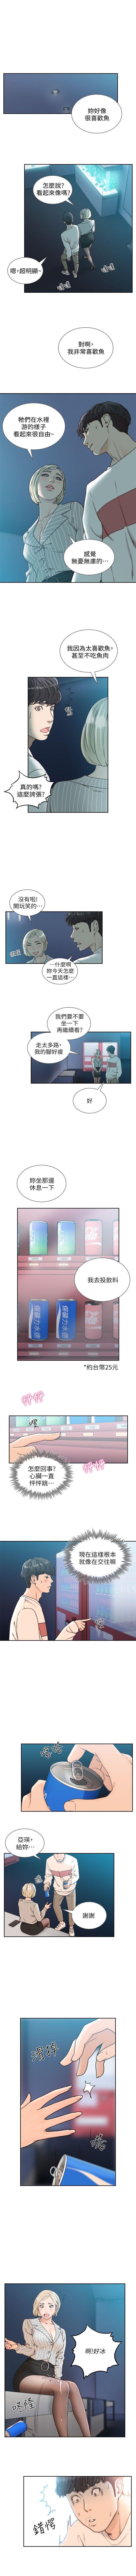 前女友 1-48 中文翻译(更新中) 114